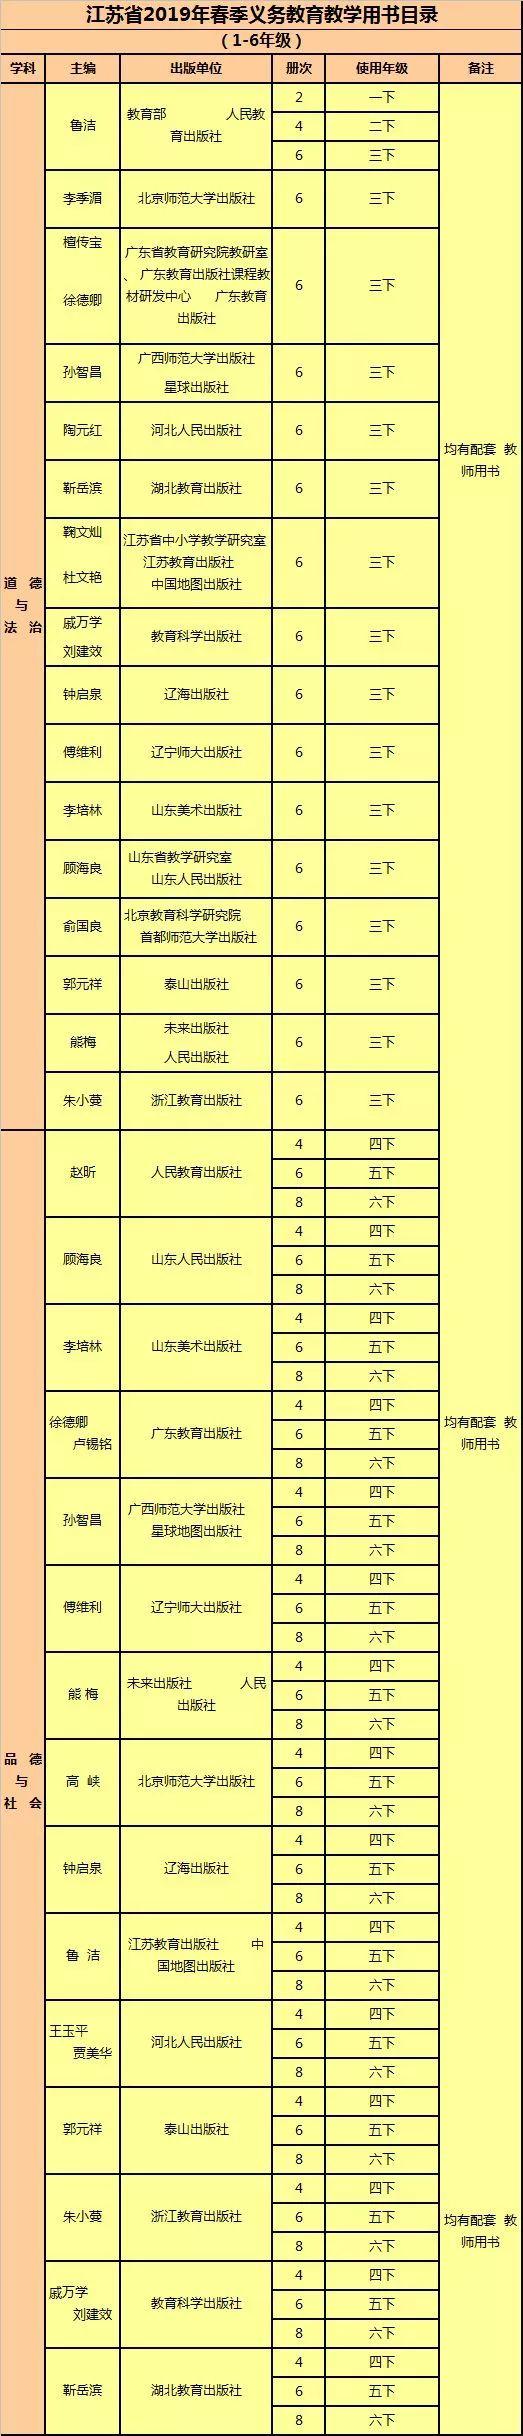 无锡2019春季中小学教学用书目录